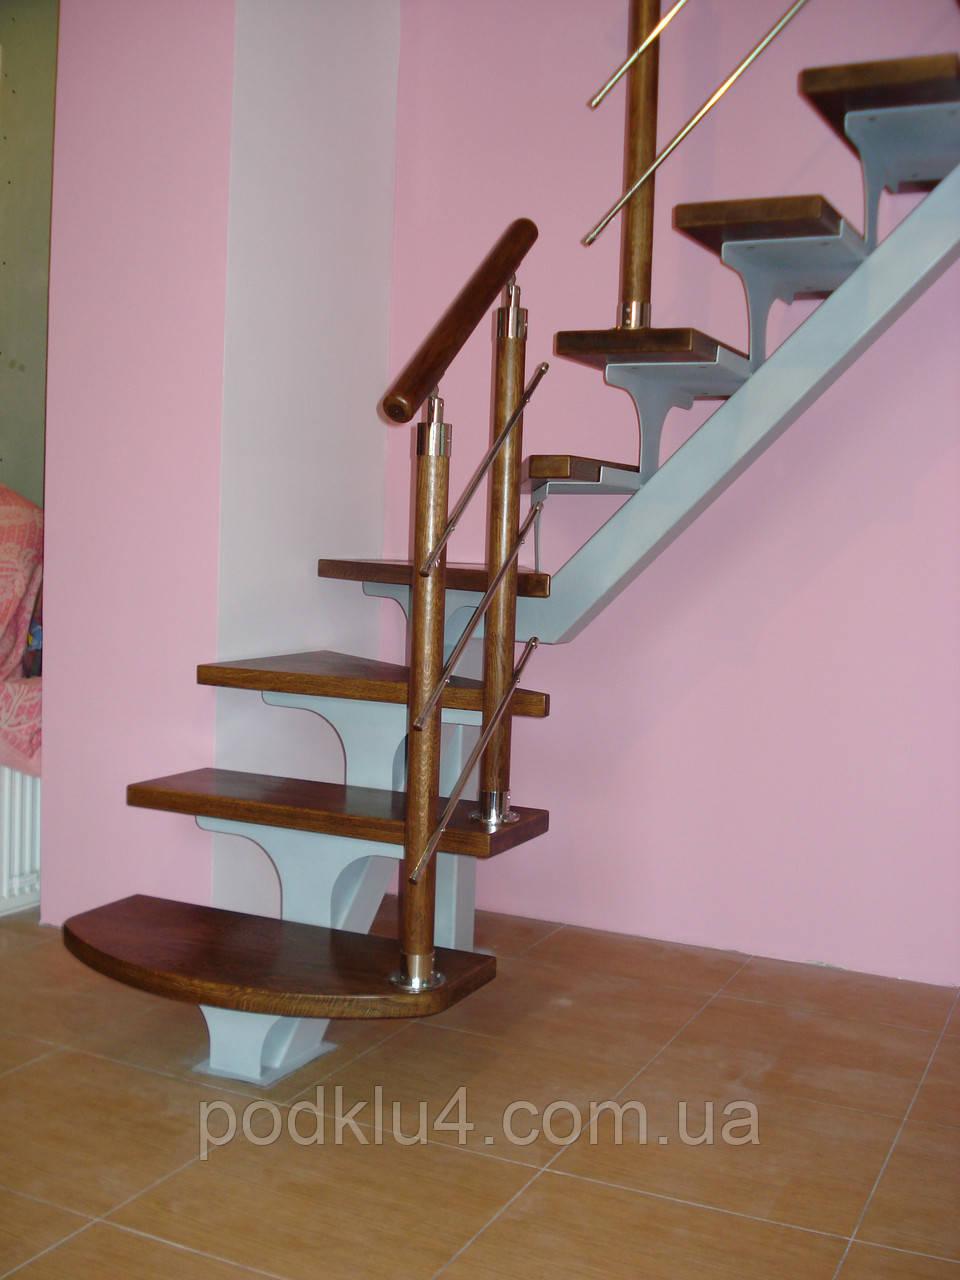 Лестницы на прямом косоуре небольших размеров